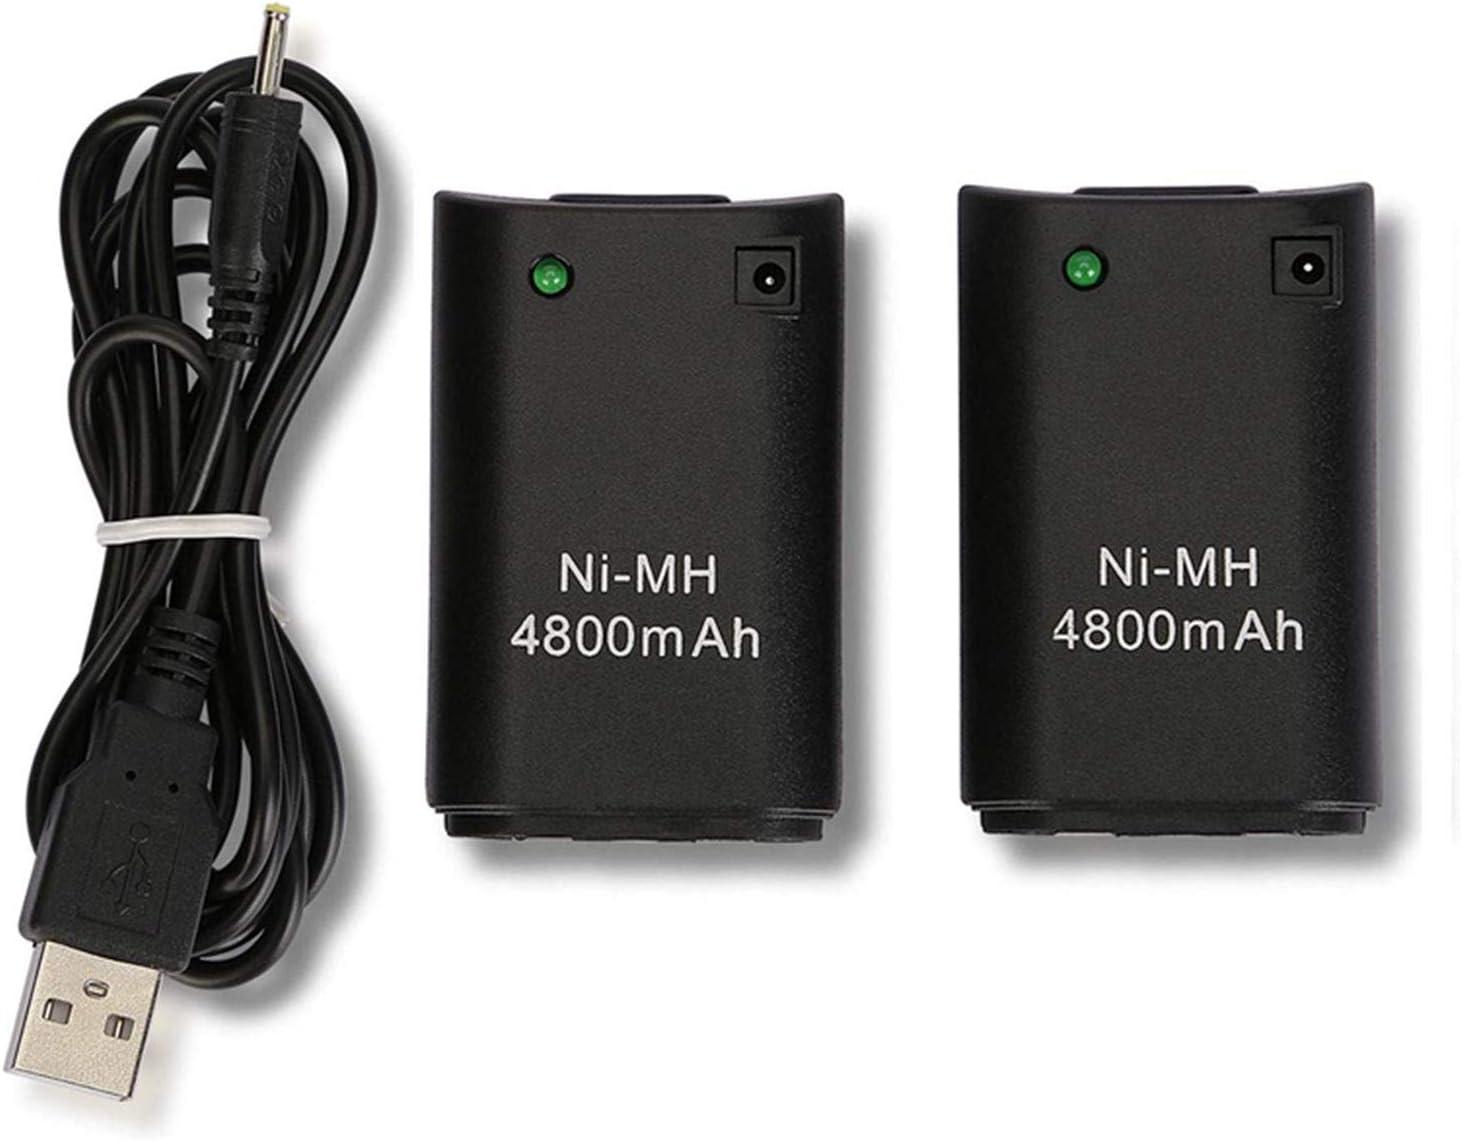 Xbox 360 Mando Batería, OSAN 2Pc 4800mAh Baterías + USB Cable para Mando Remoto de Control Xbox 360 Negro